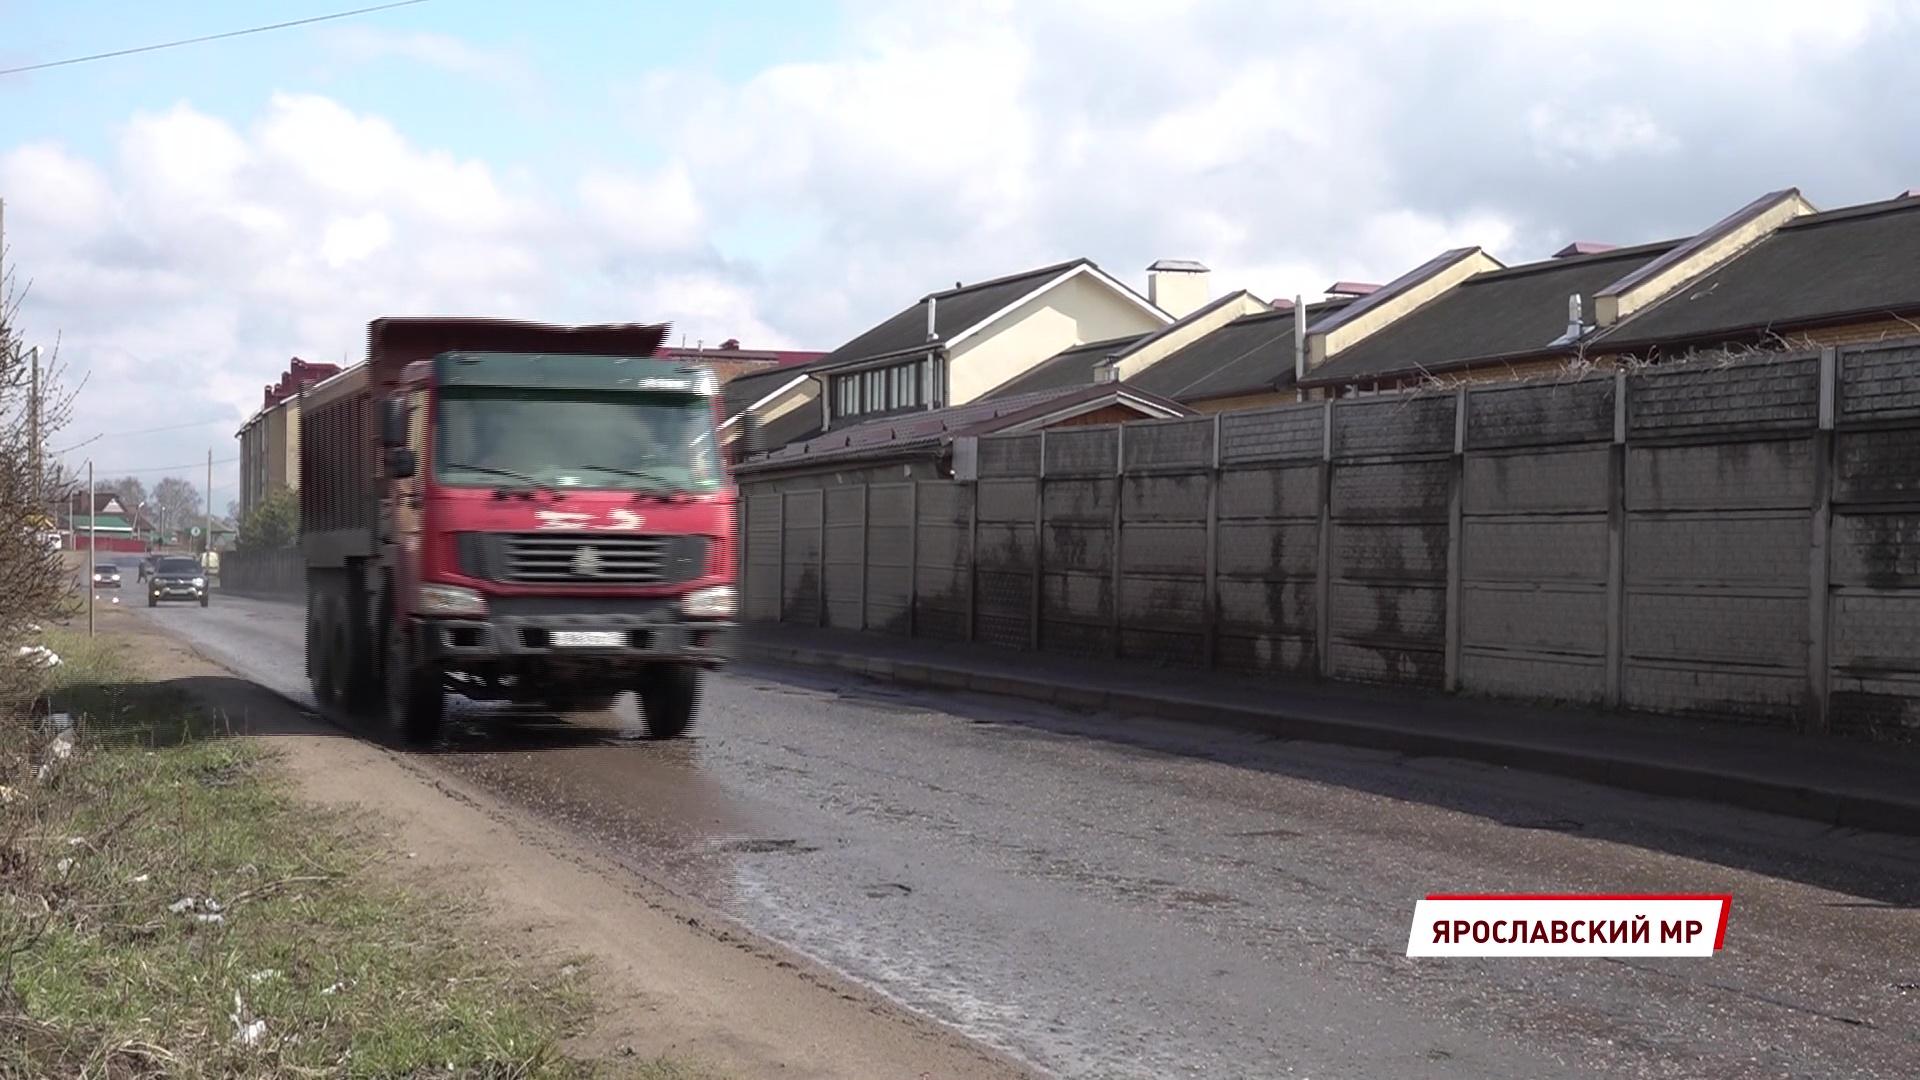 Участок от деревни Мостец до поселка Красный Бор перекроют для ремонта